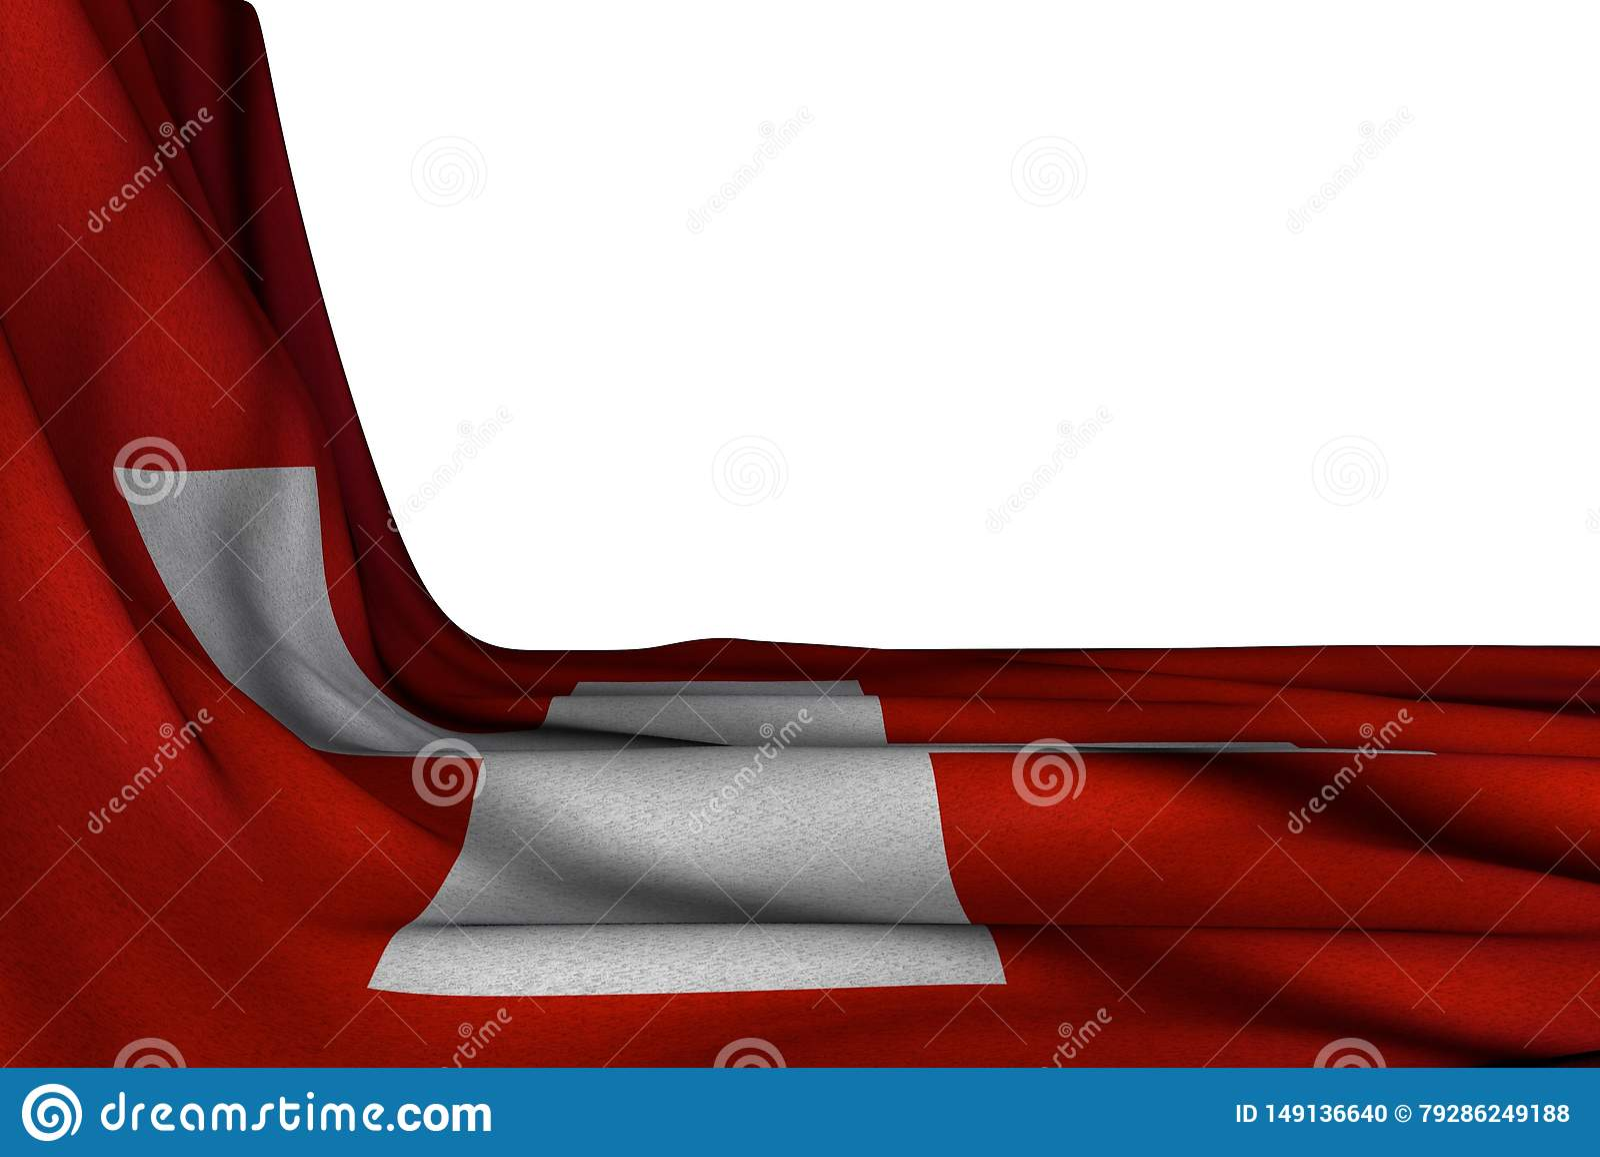 De mooie 3d illustratie van de nationale feestdagvlag - het ge?soleerde model van de vlag van Zwitserland hangt diagonaal op wit